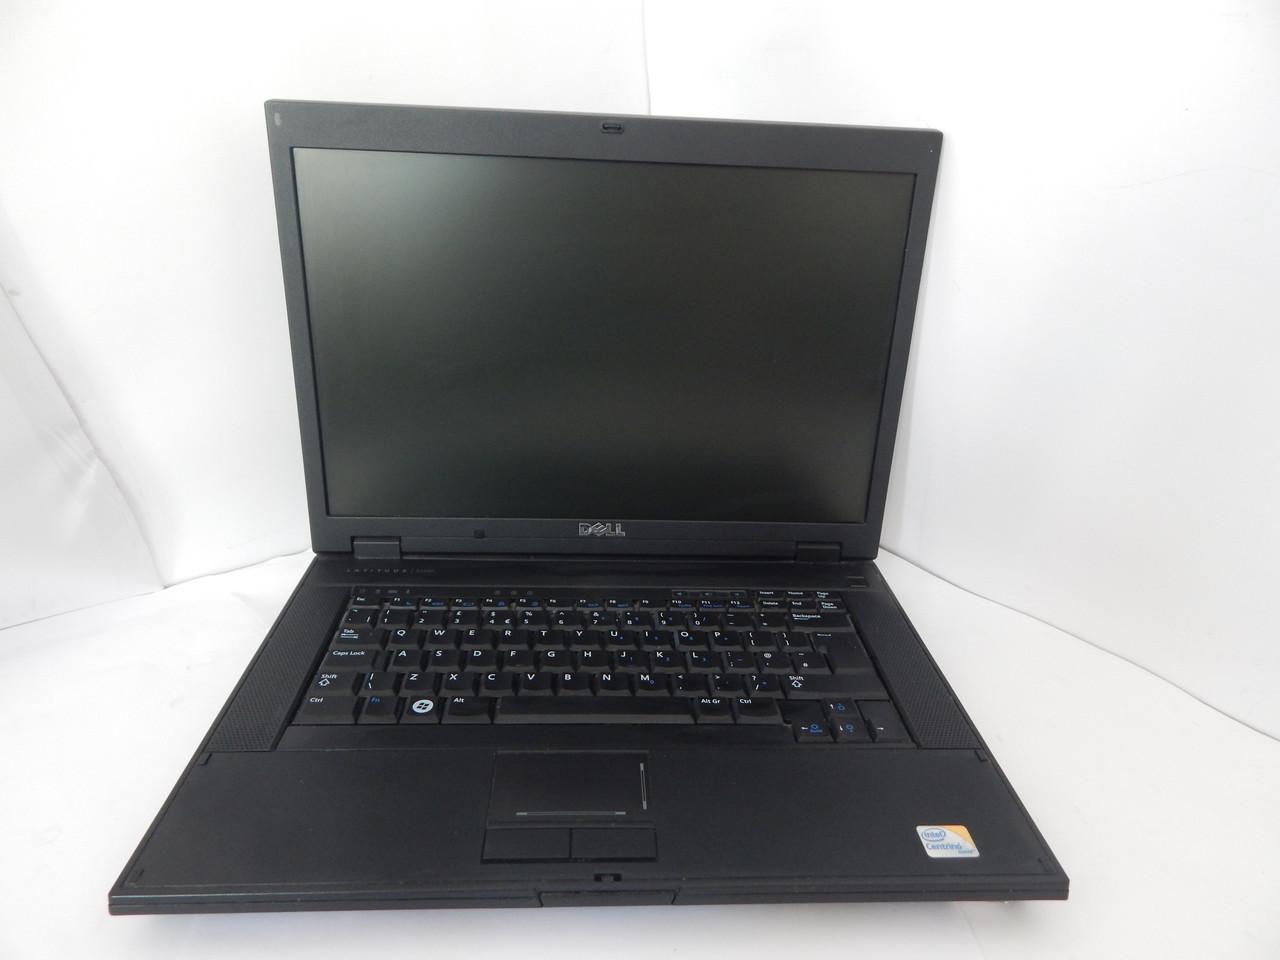 Ноутубк DELL Latitude E5500 15.4 inel Core 2 Duo P8700 ram 2 gb